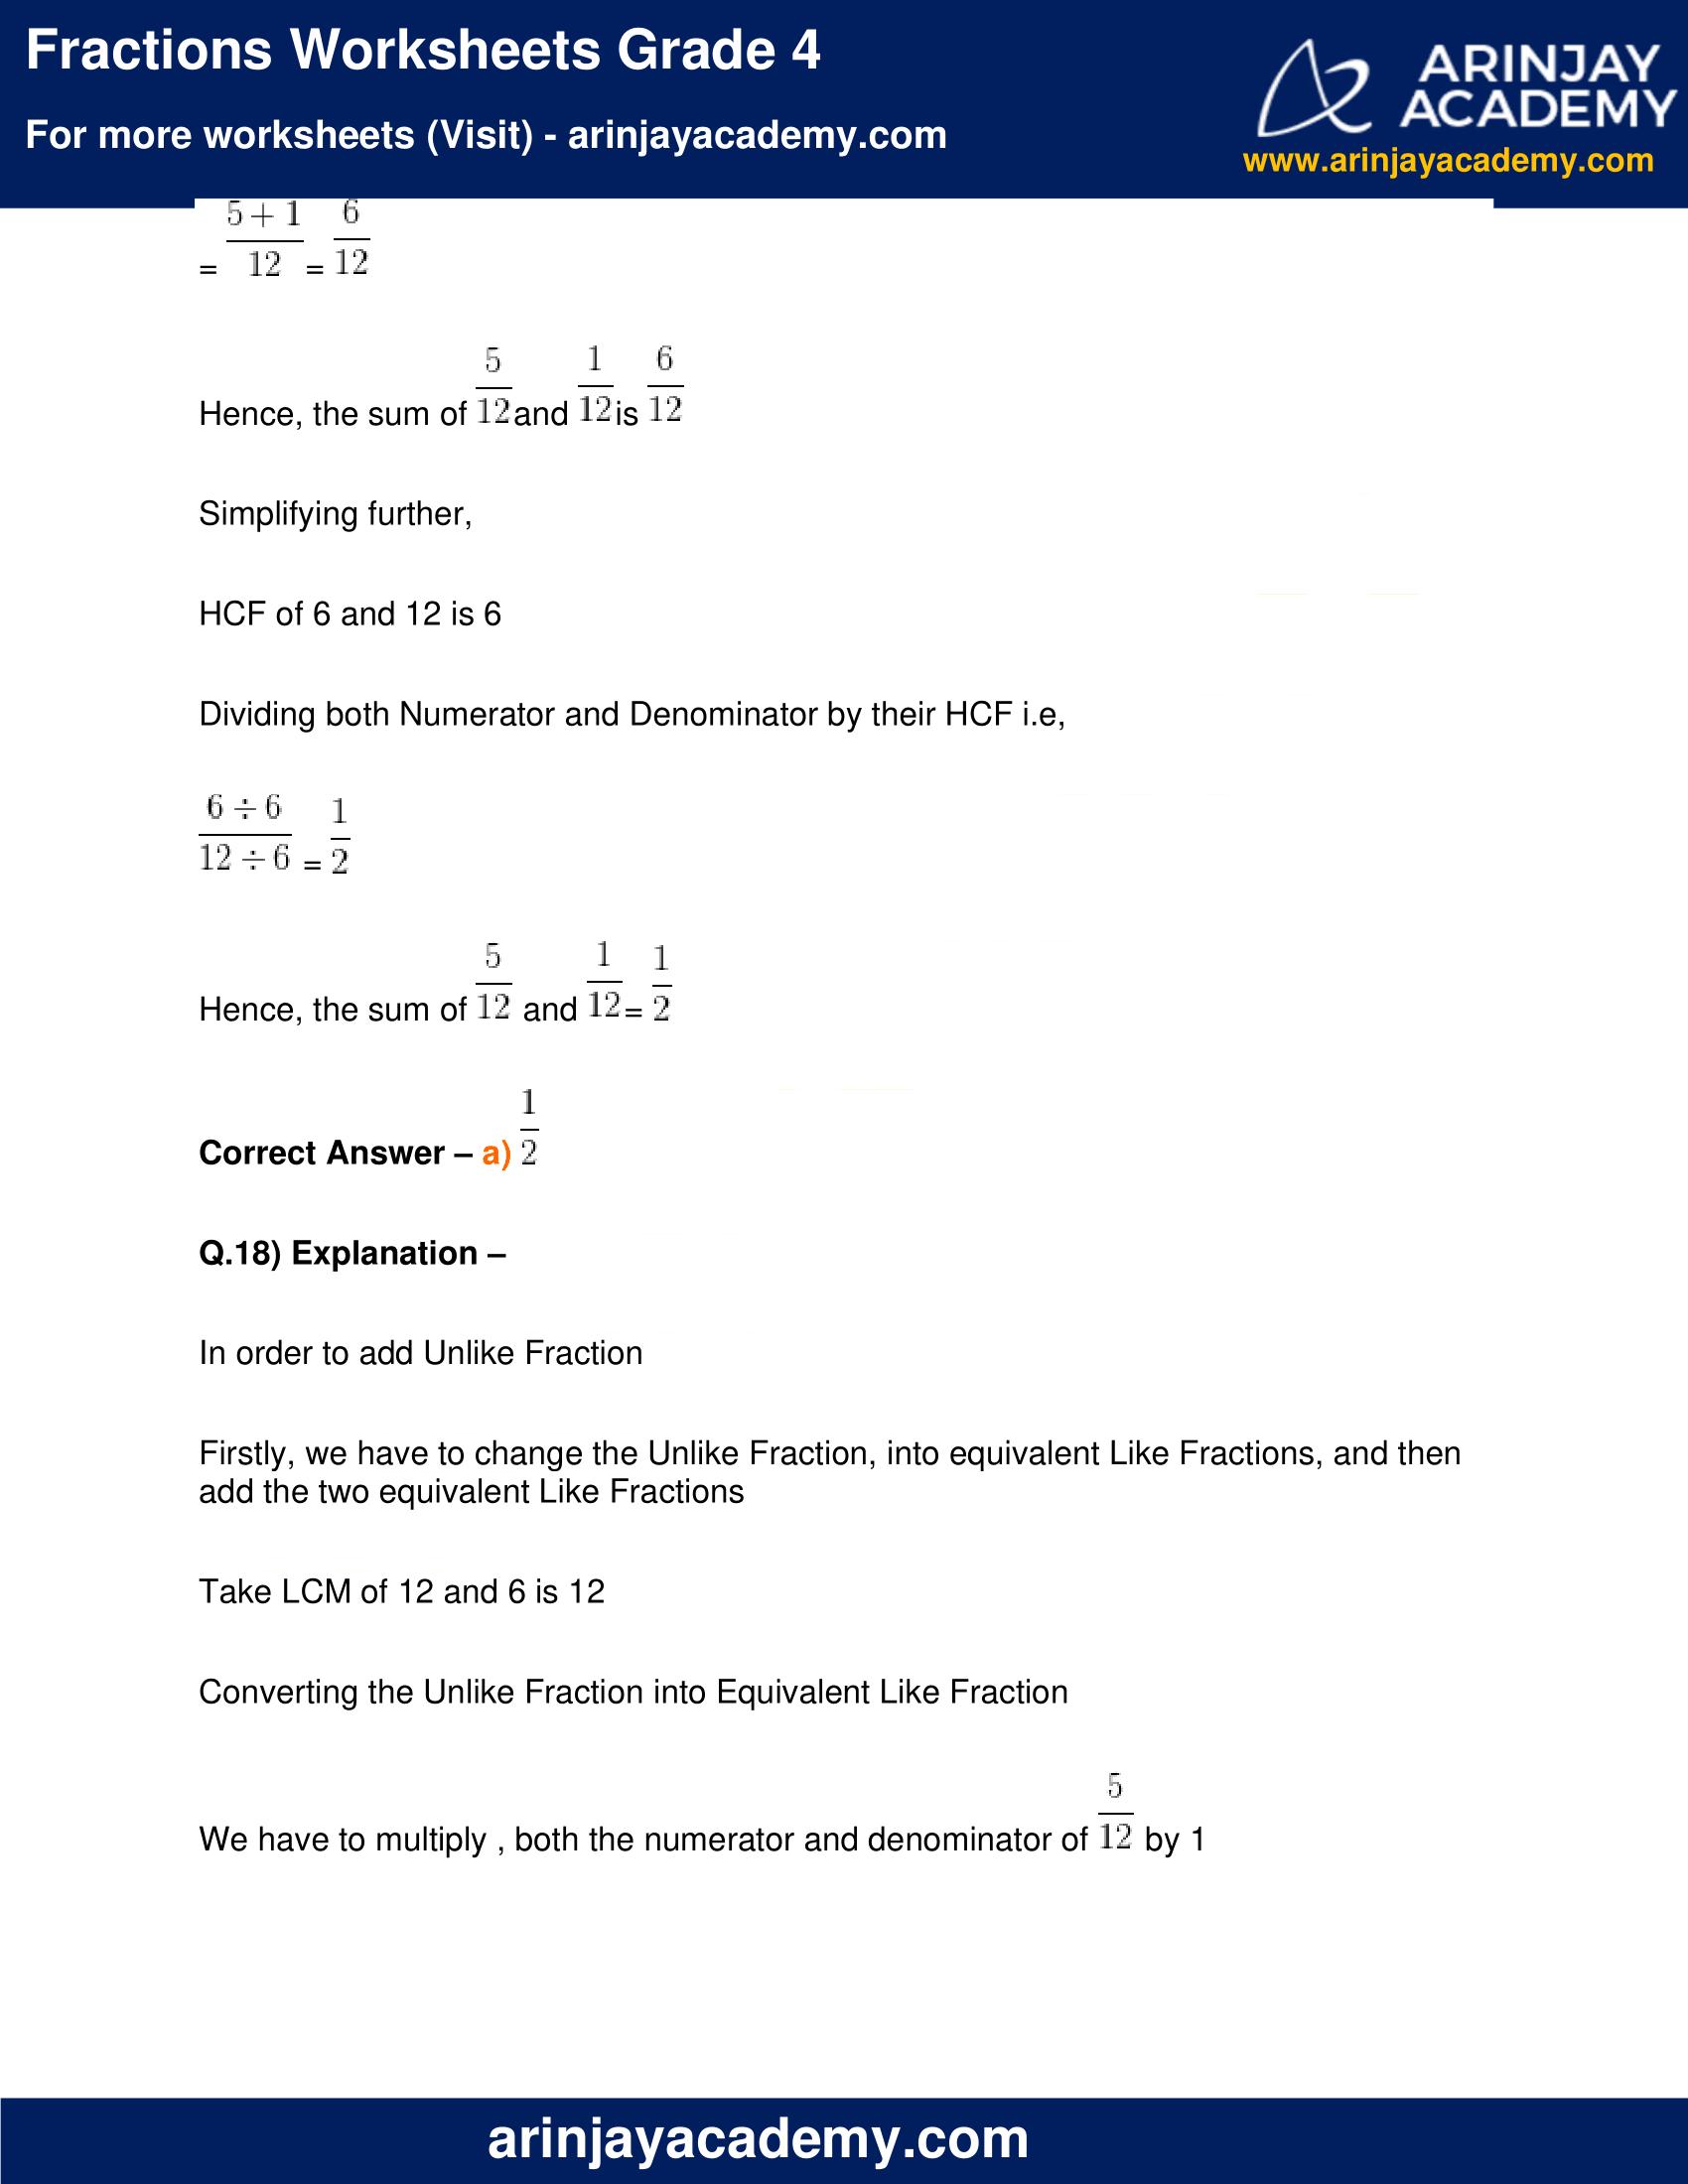 Fractions Worksheets Grade 4 image 16